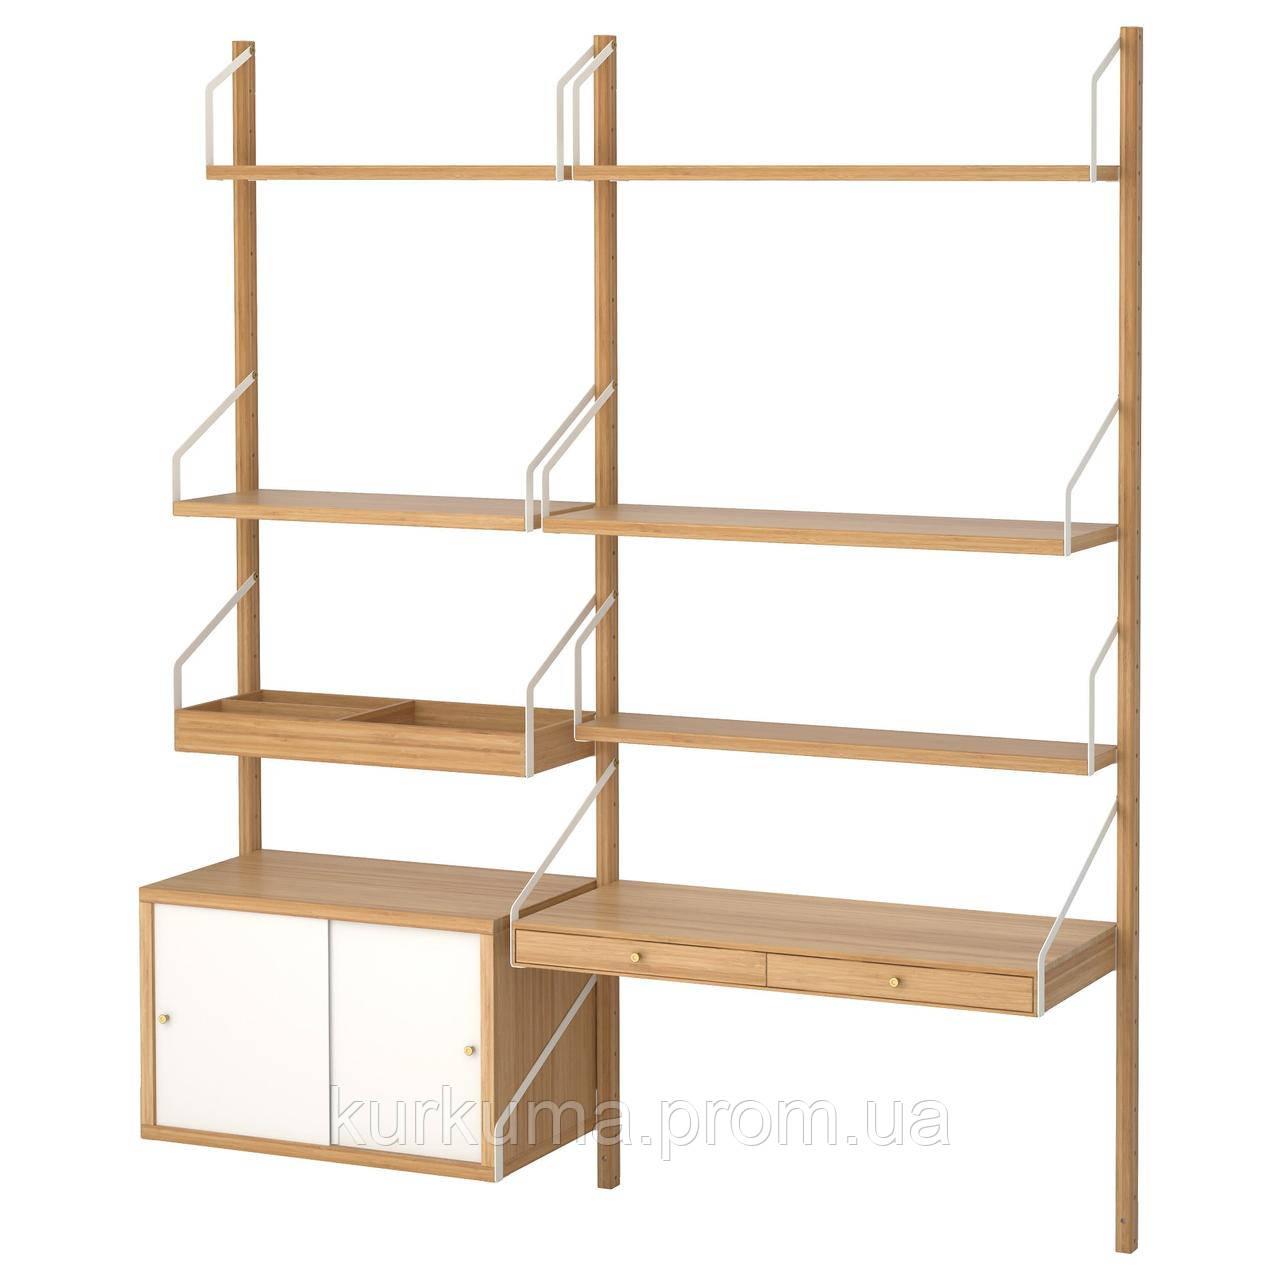 IKEA SVALNAS Пристенный стол, бамбук, белый  (291.844.52)